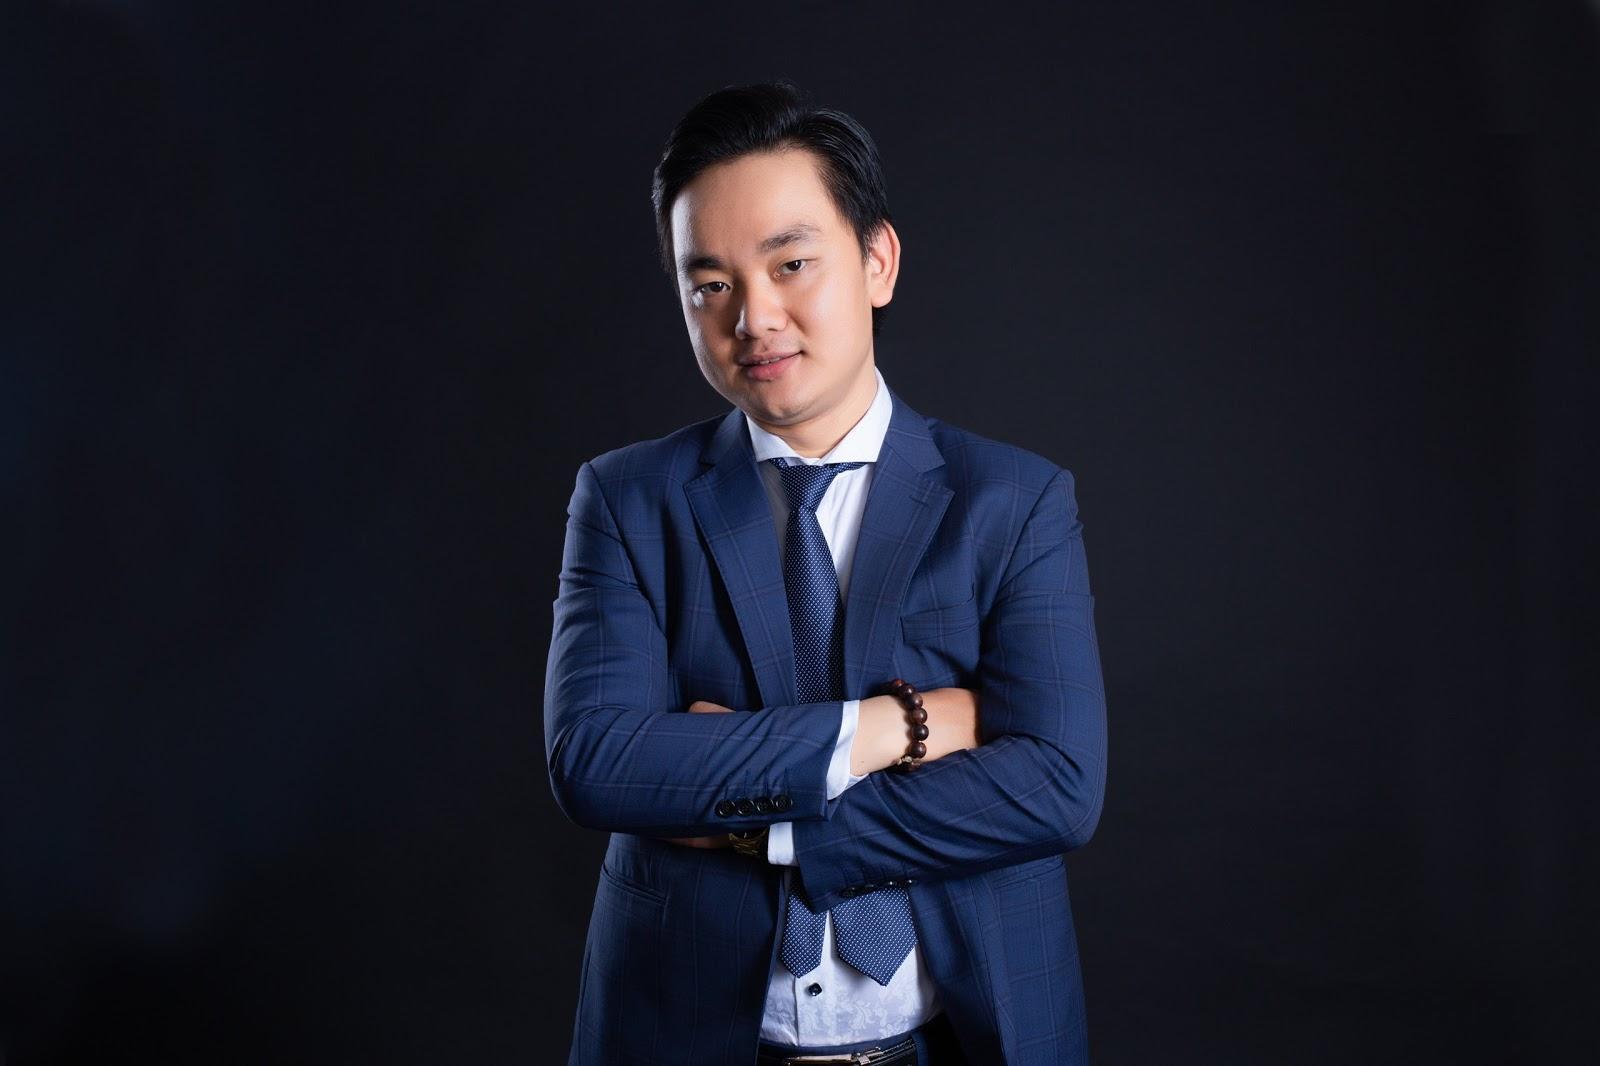 Ông Trịnh Văn Sơn CEO S Việt Nam - Thành viên Ban tổ chức tại Hội nghị sức khỏe sắc đẹp toàn diện và xu hướng ngành làm đẹp 2021 - Ảnh 2